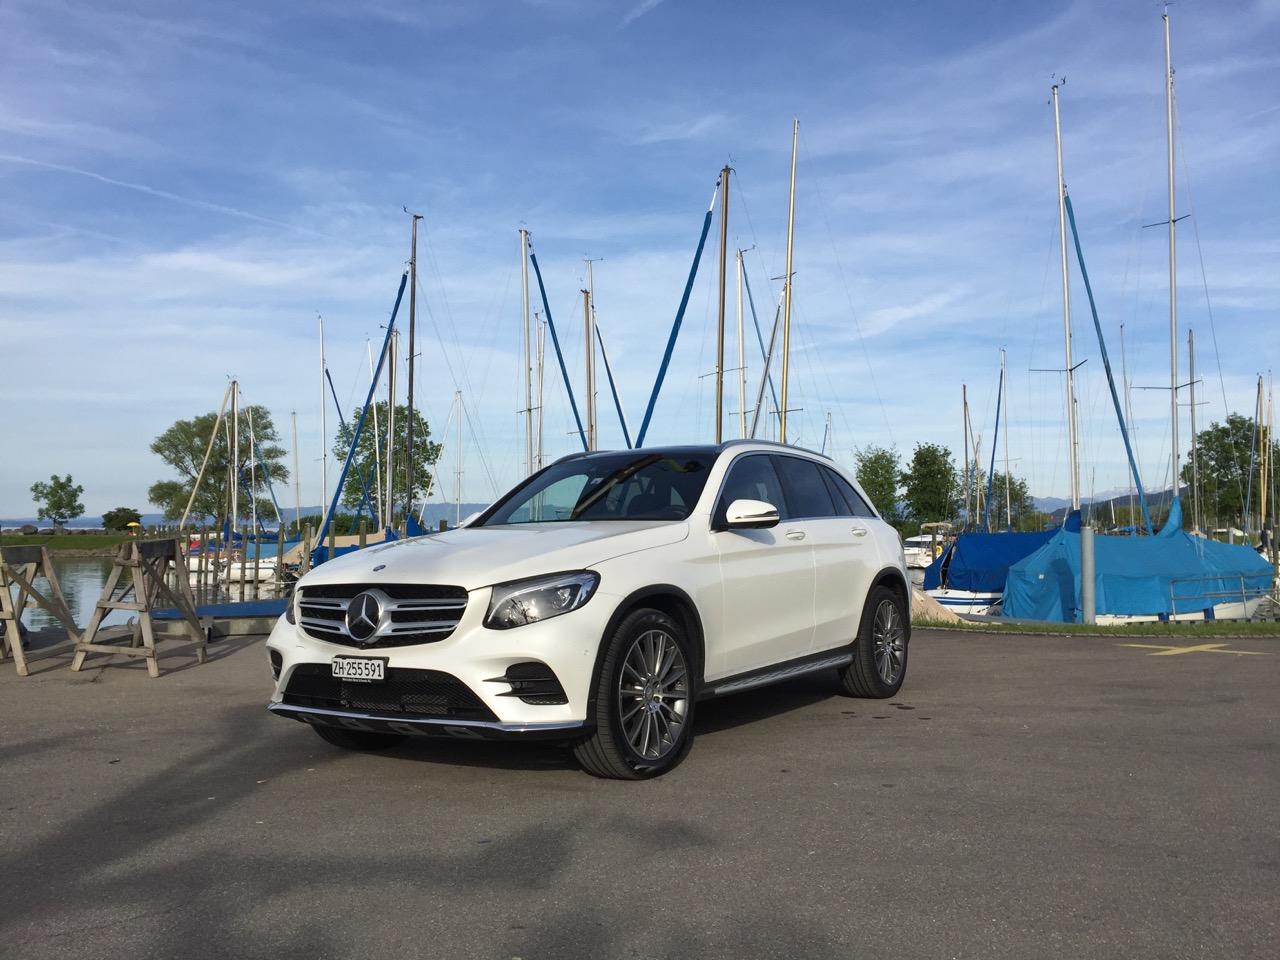 Luxusdampfer: Mercedes GLC